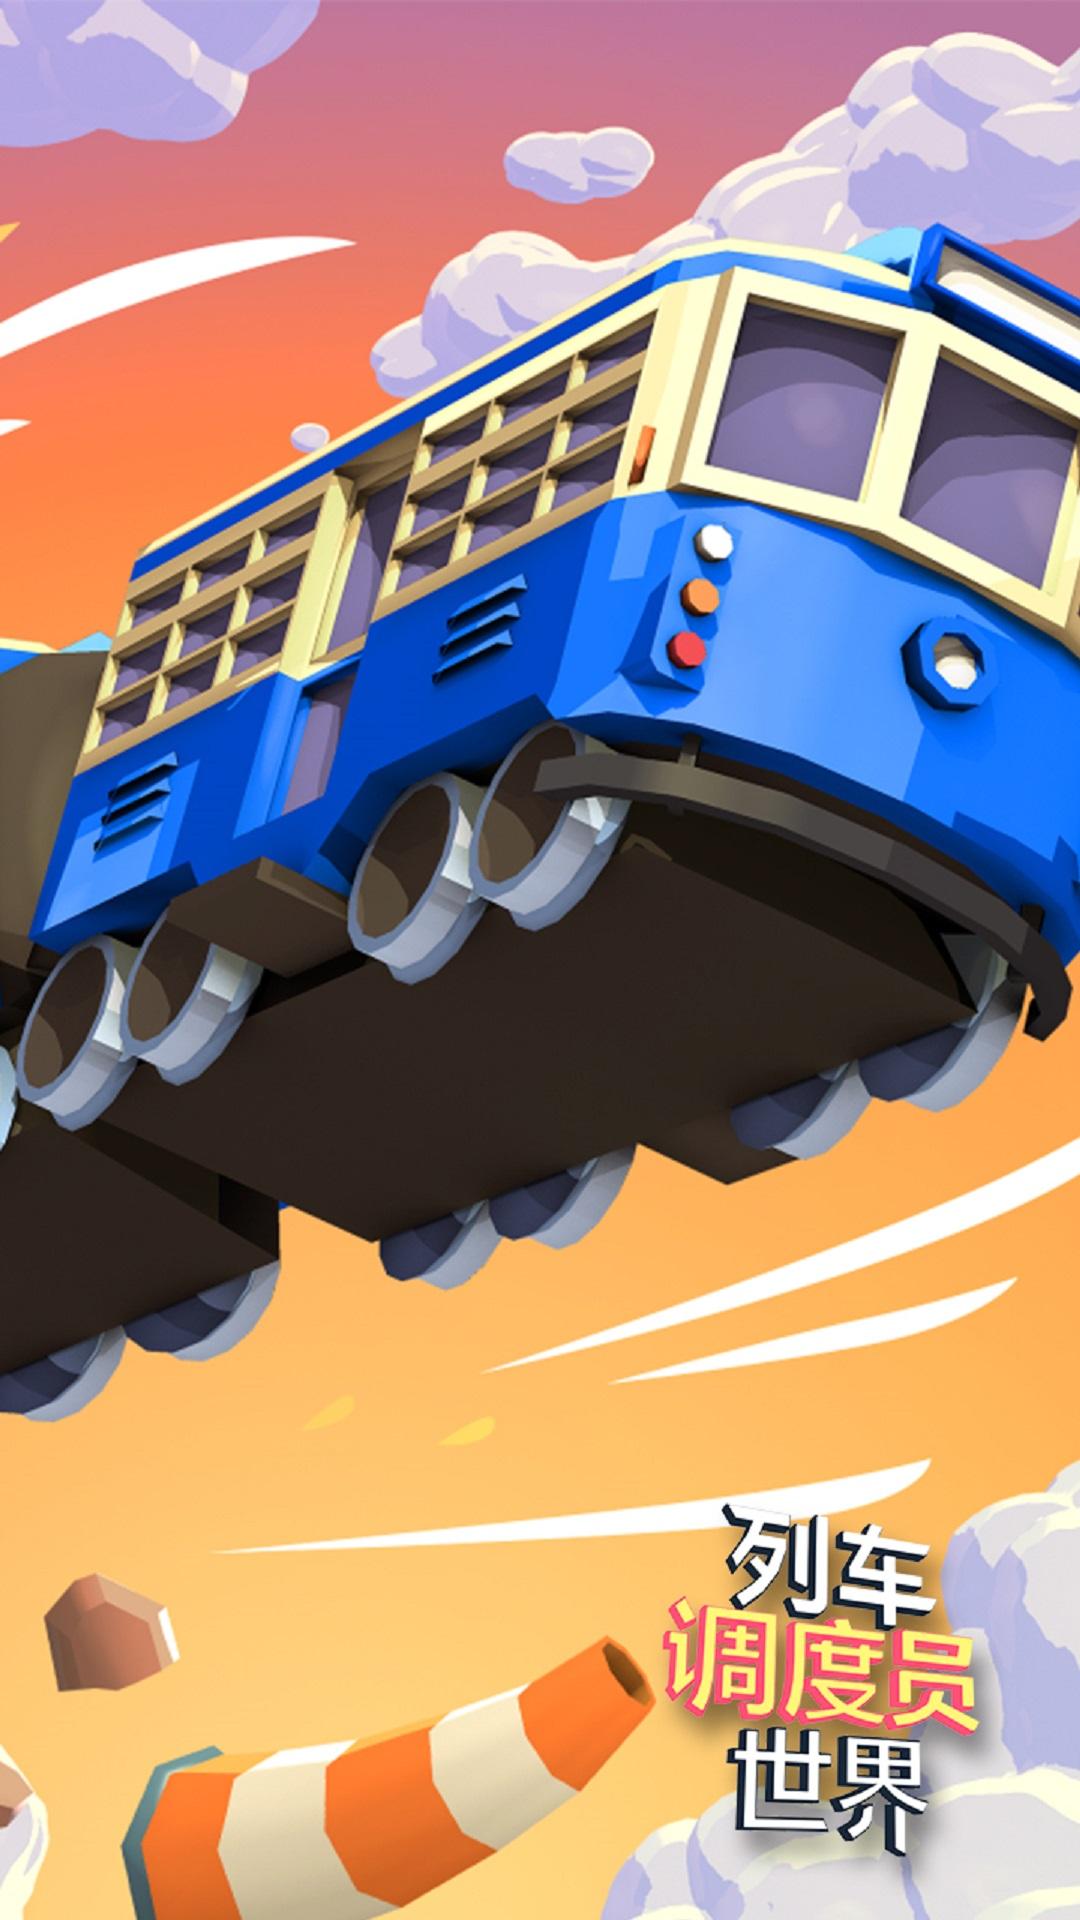 列车调度员世界 APP截图